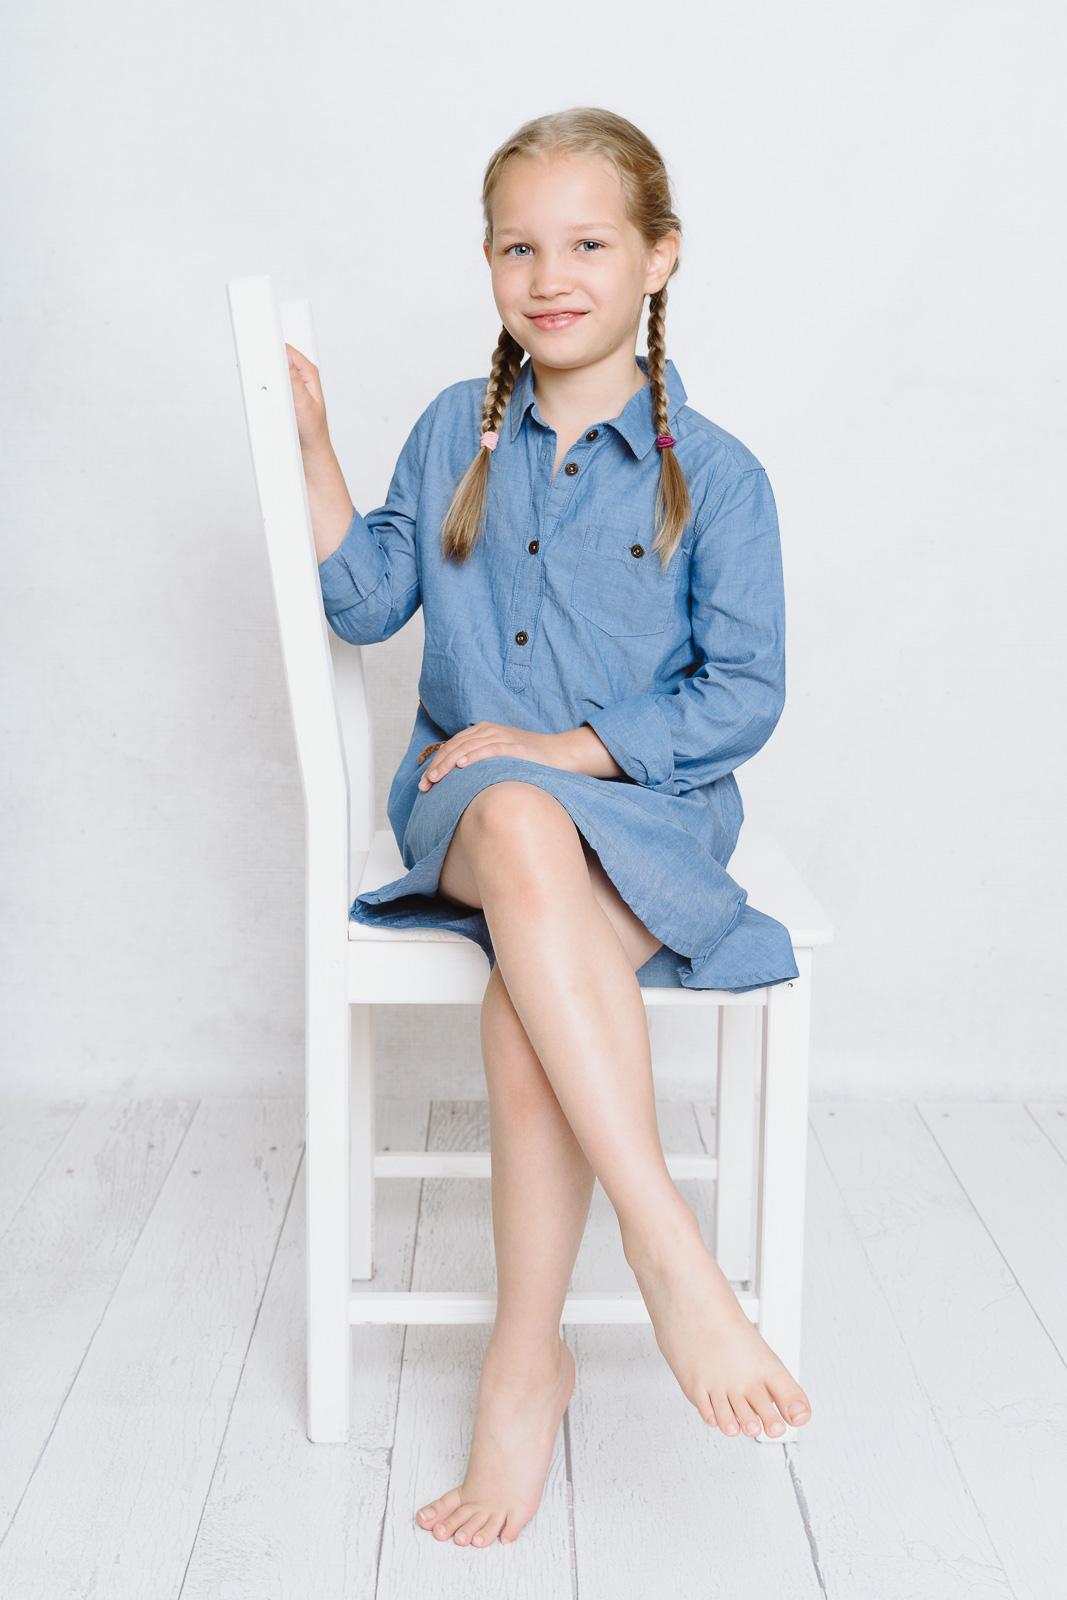 Kind sitzt auf Stuhl-Grundschulfotografie aus Bonn